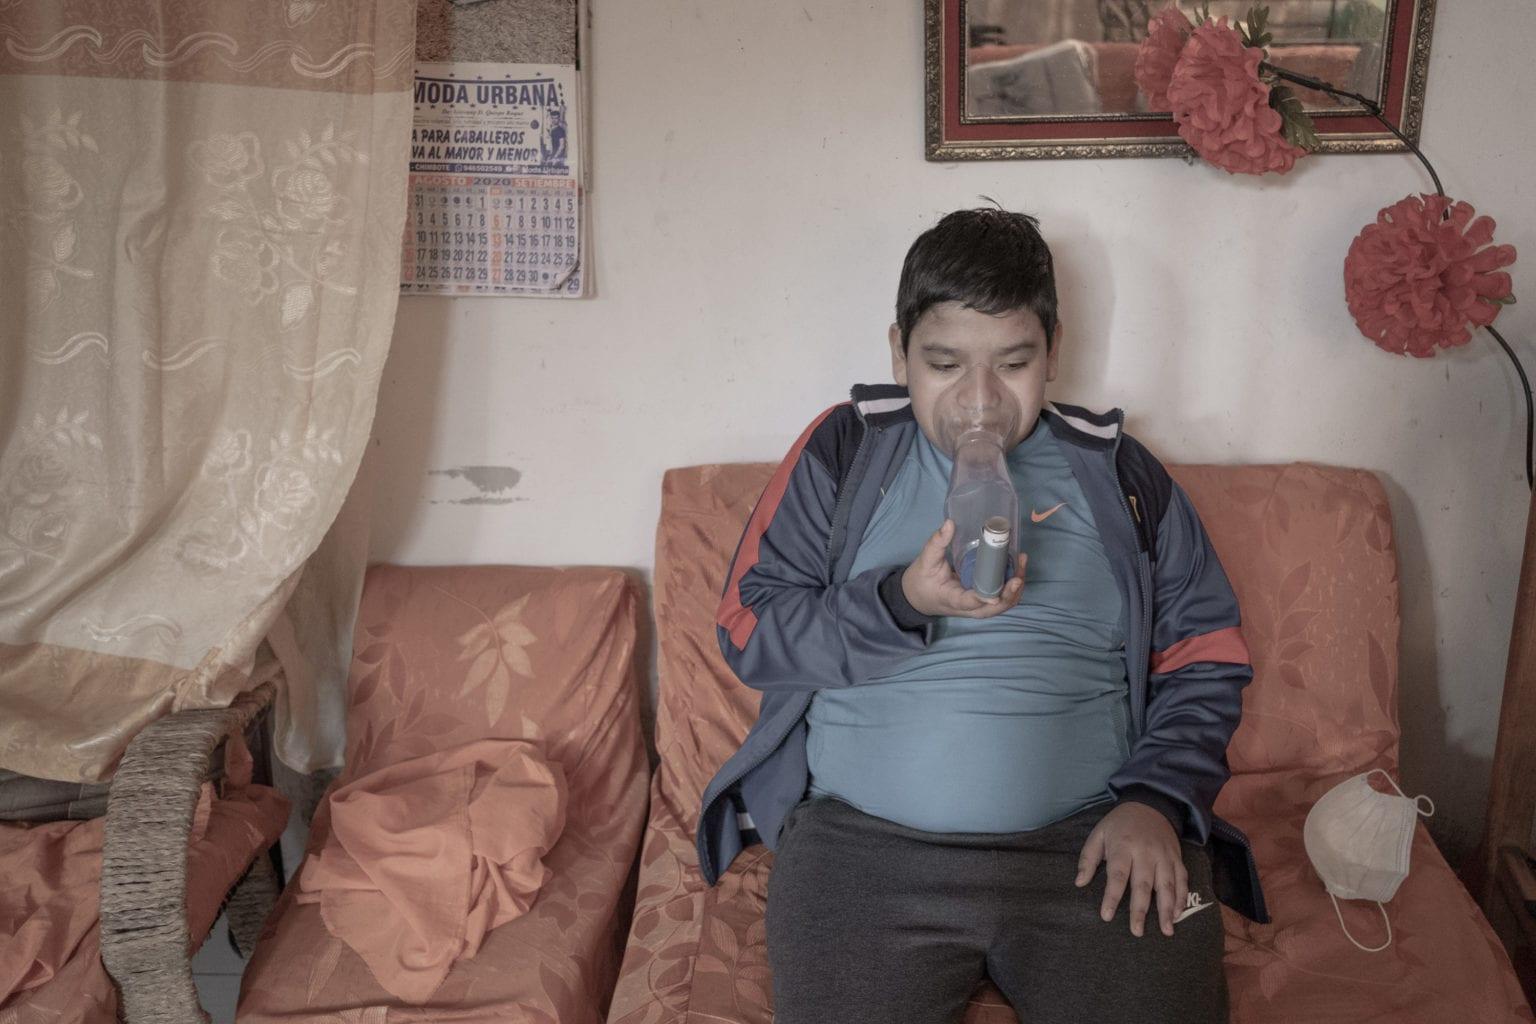 Lucas Morales Castillo er 12 år gammel og han astma. Han bruger en maske til at gøre vejrtrækningen roligere under et astmaanfald. I de perioder, hvor fiskemelsfabrikkerne maler mel, bliver Lucas' astma værre.